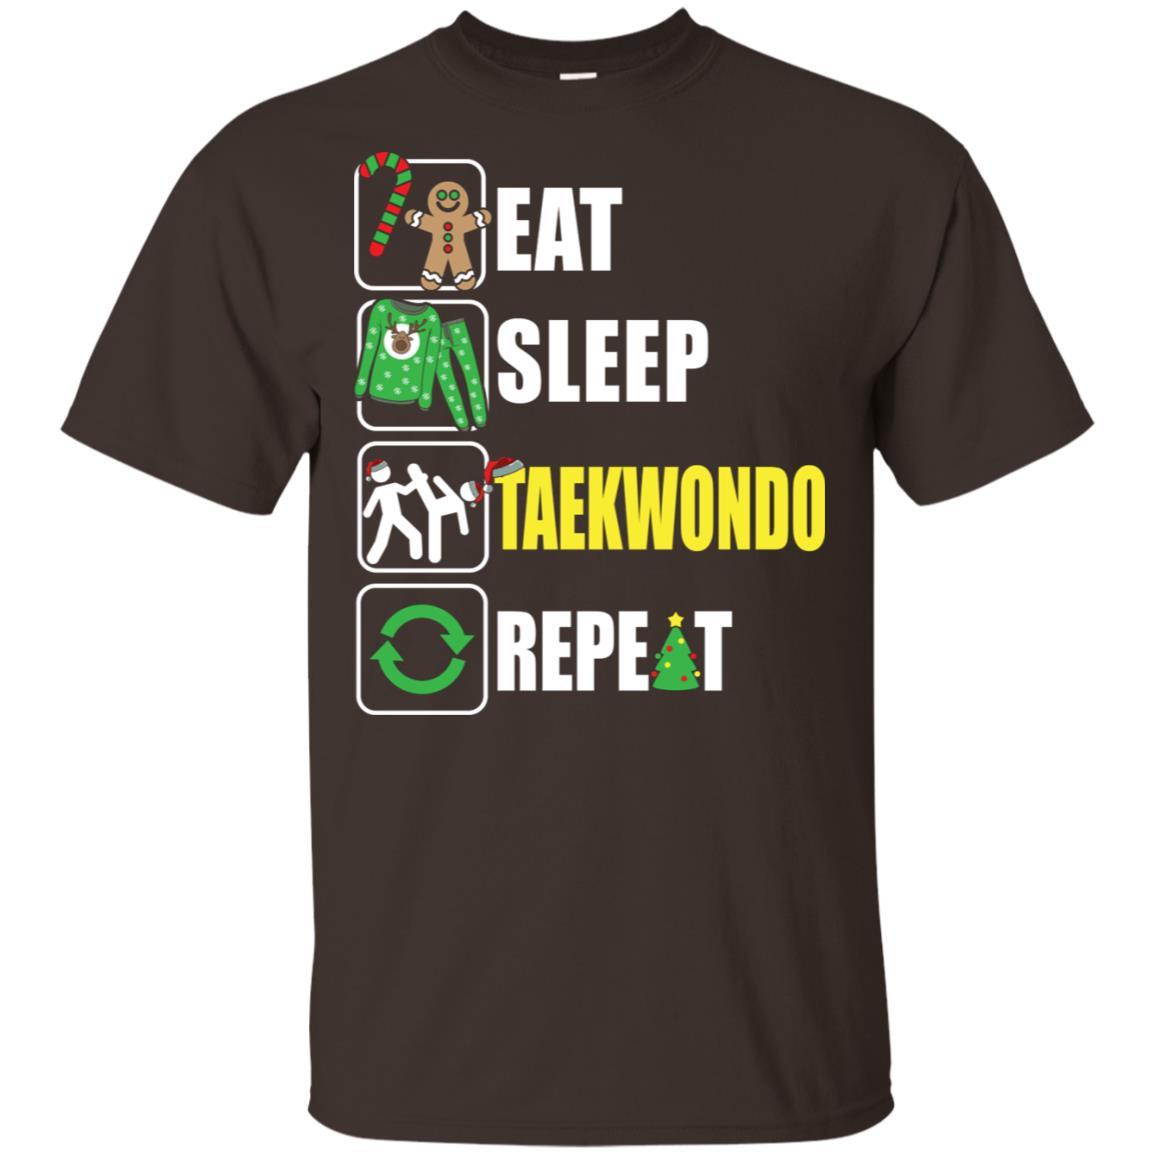 Eat Sleep Taekwondo Repeat Taekwondo Lover Unisex Short Sleeve